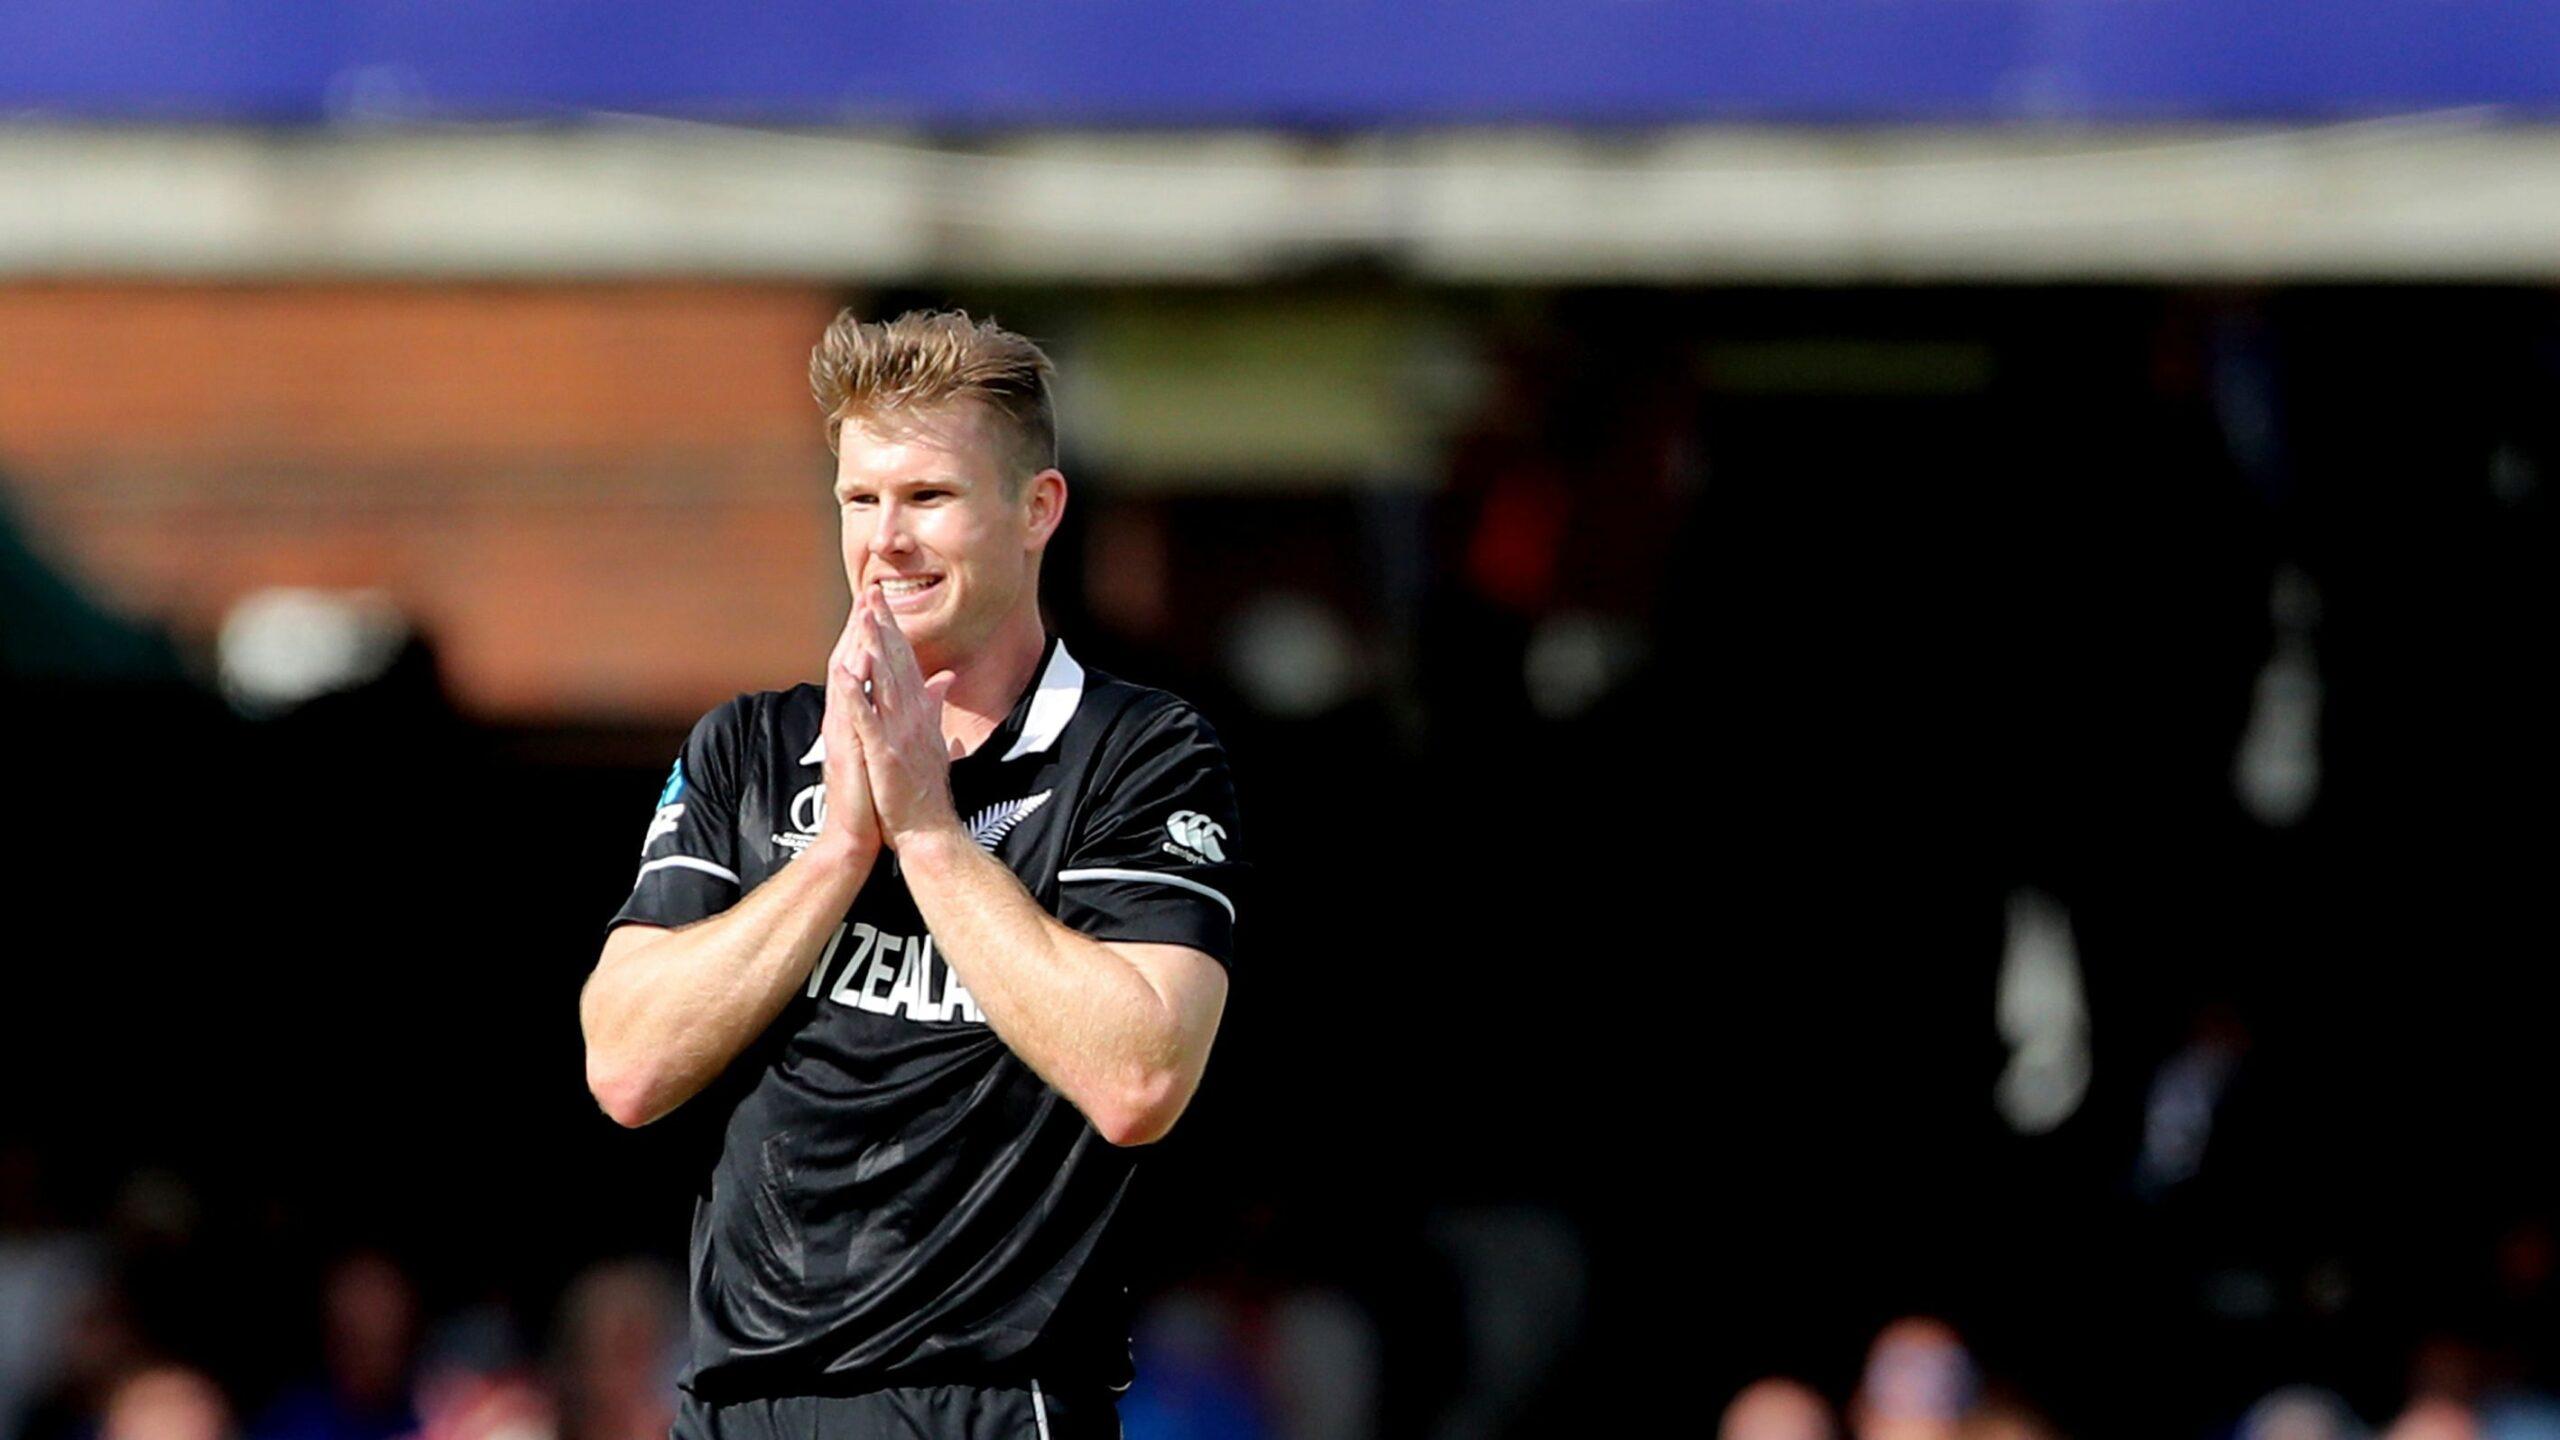 न्यूजीलैंड हुआ कोरोना मुक्त होने वाला पहला देश, इस खिलाड़ी ने बताया सफलता का राज 14